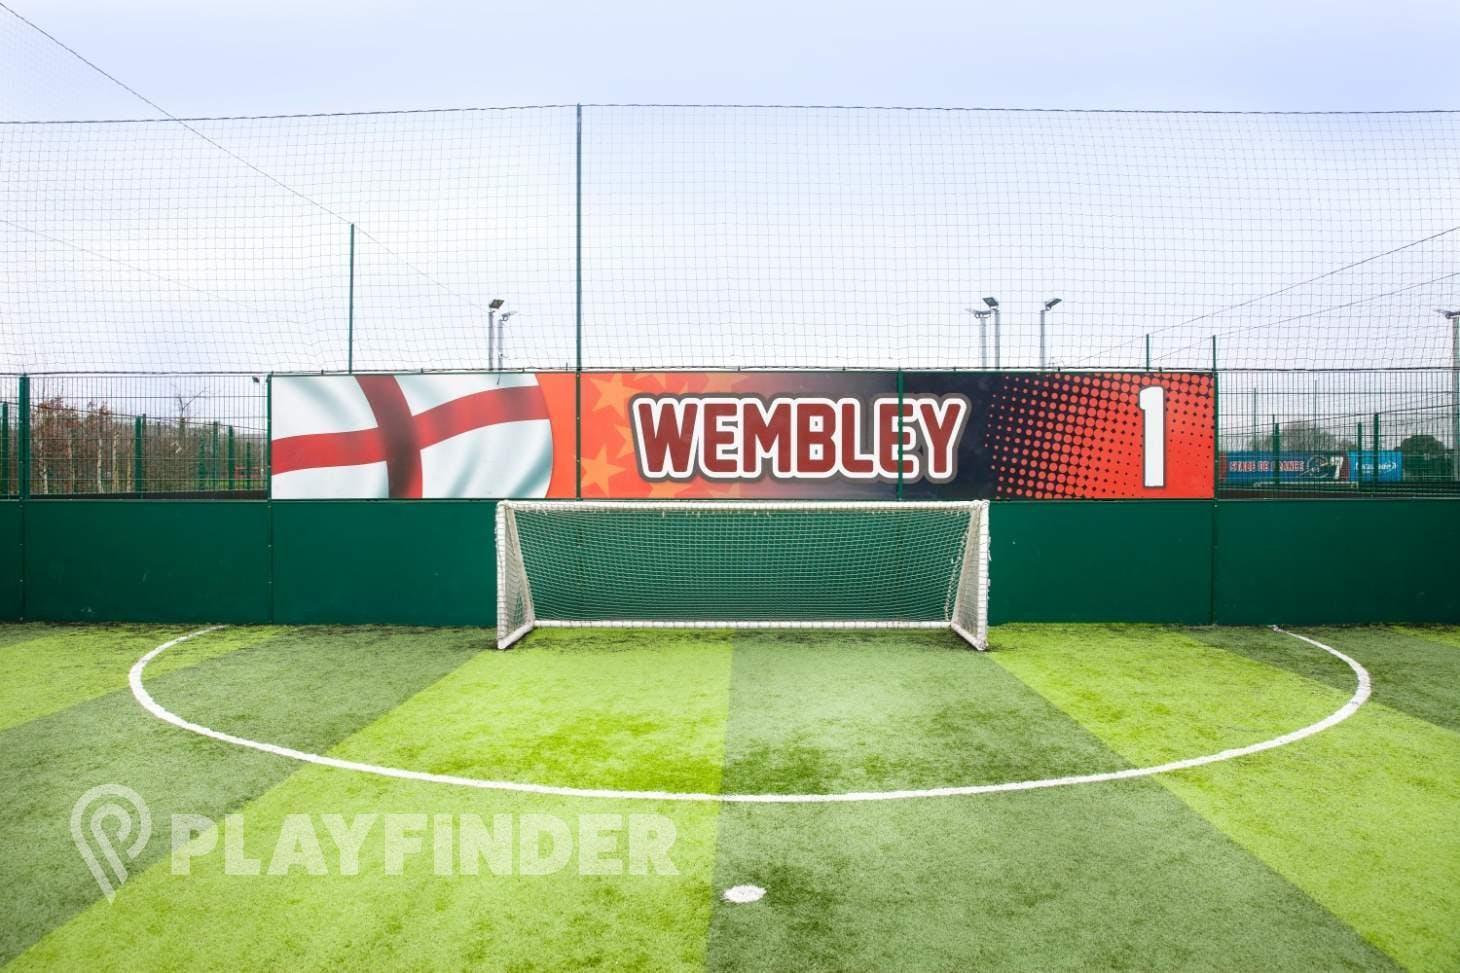 Goals Dagenham 5 a side | 3G Astroturf football pitch